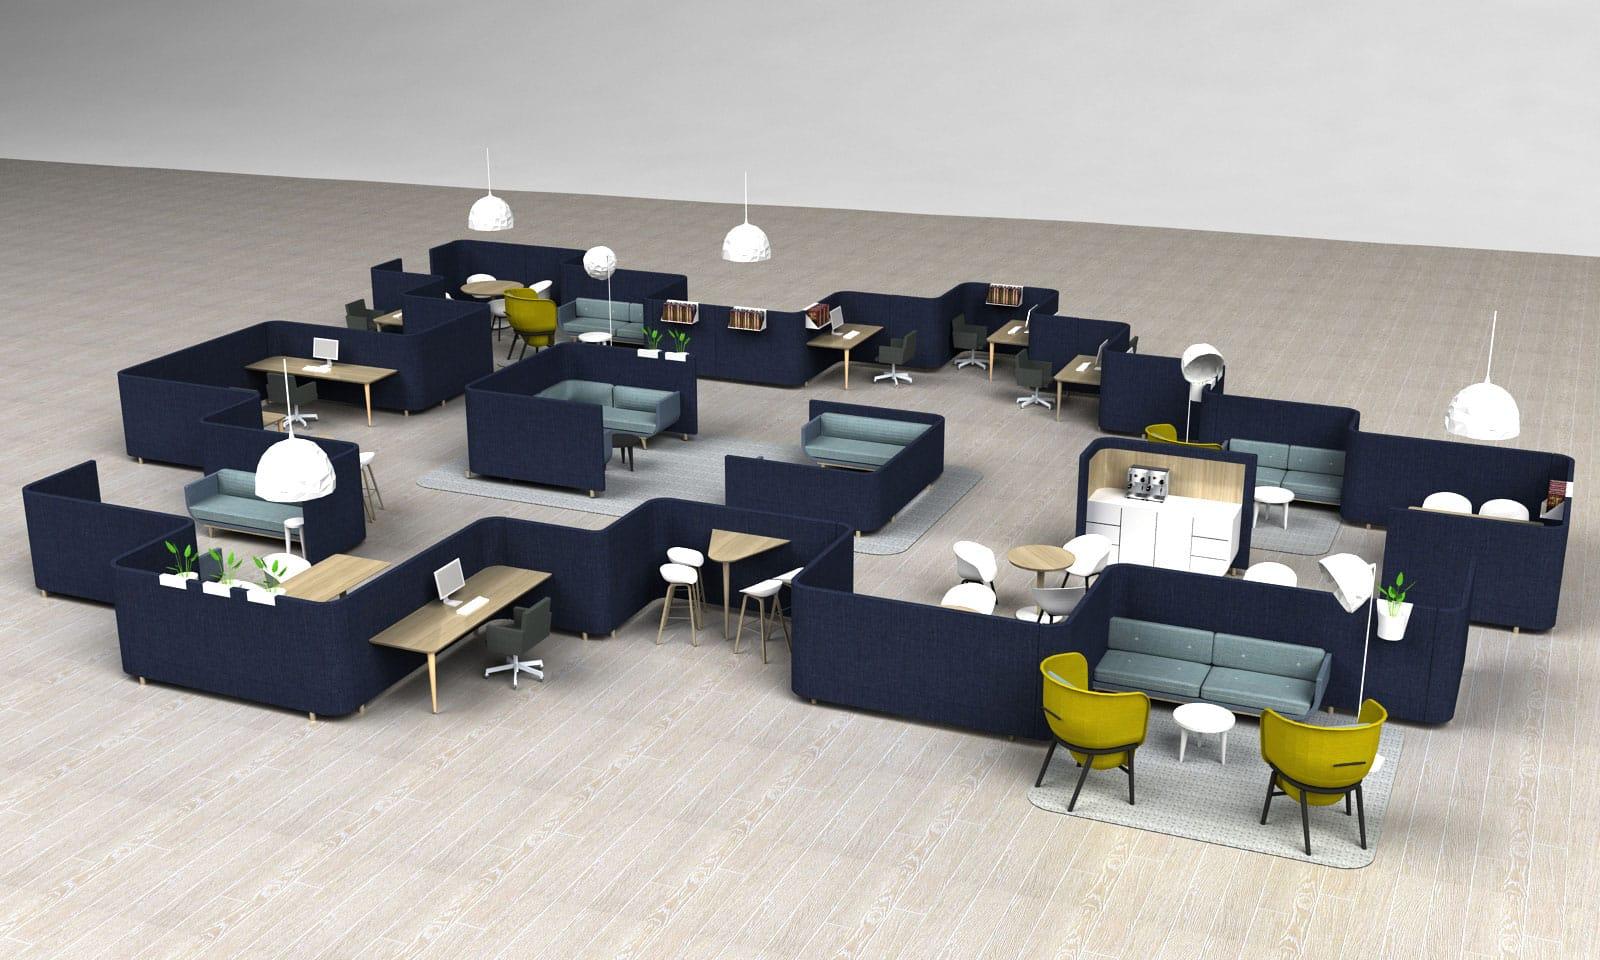 Compleet interieur met n meubel redstitch presenteert sving tijdens ddw17 officerepublic - Scheiding meubels ...